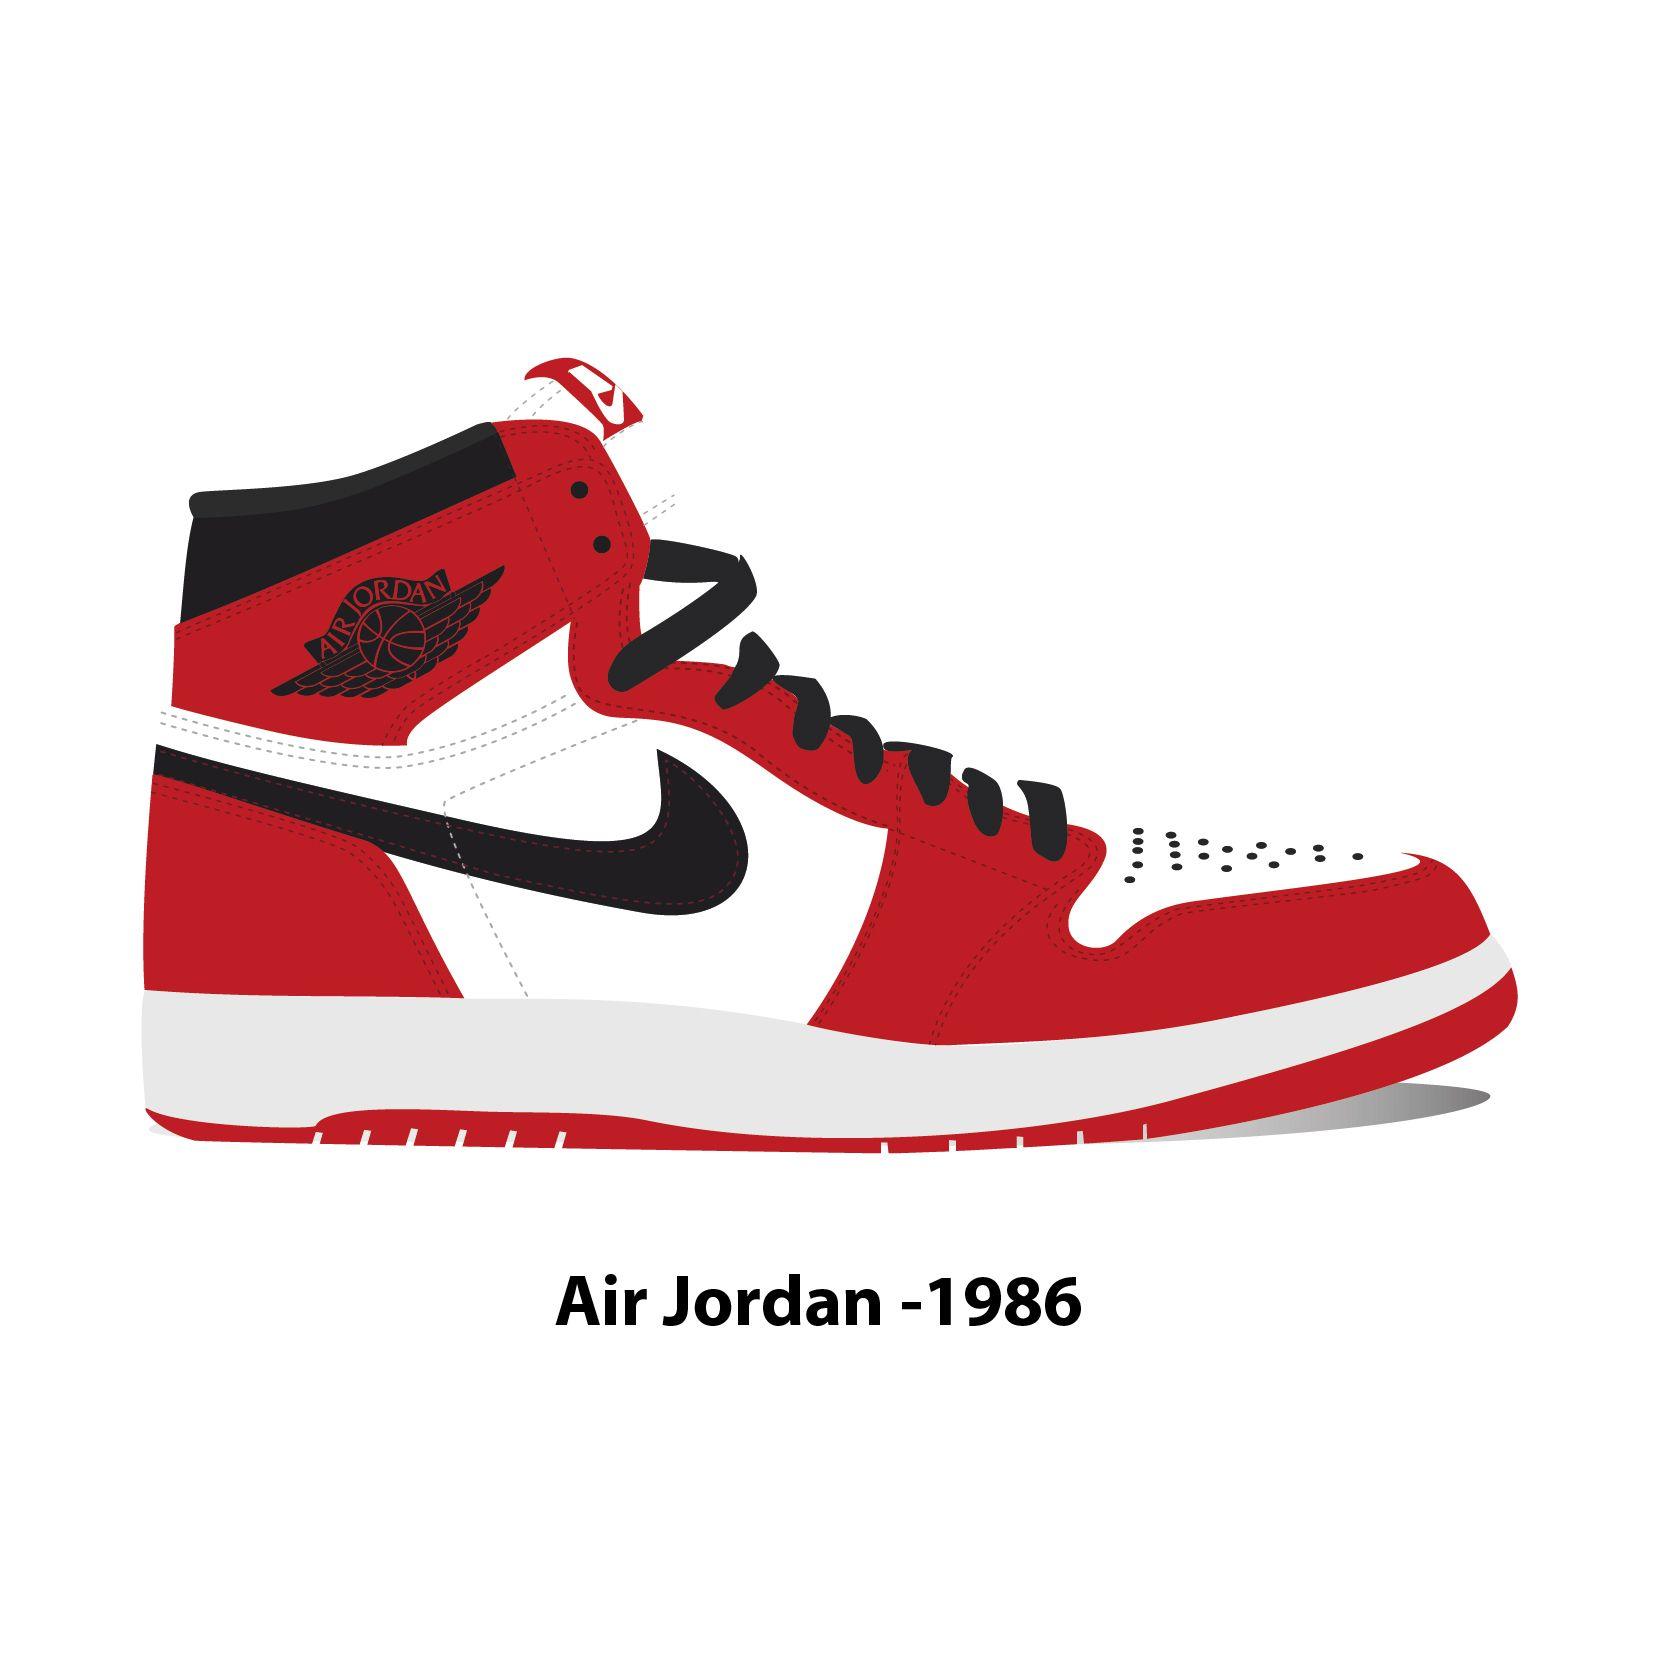 df28179fcb Air Jordan 1986